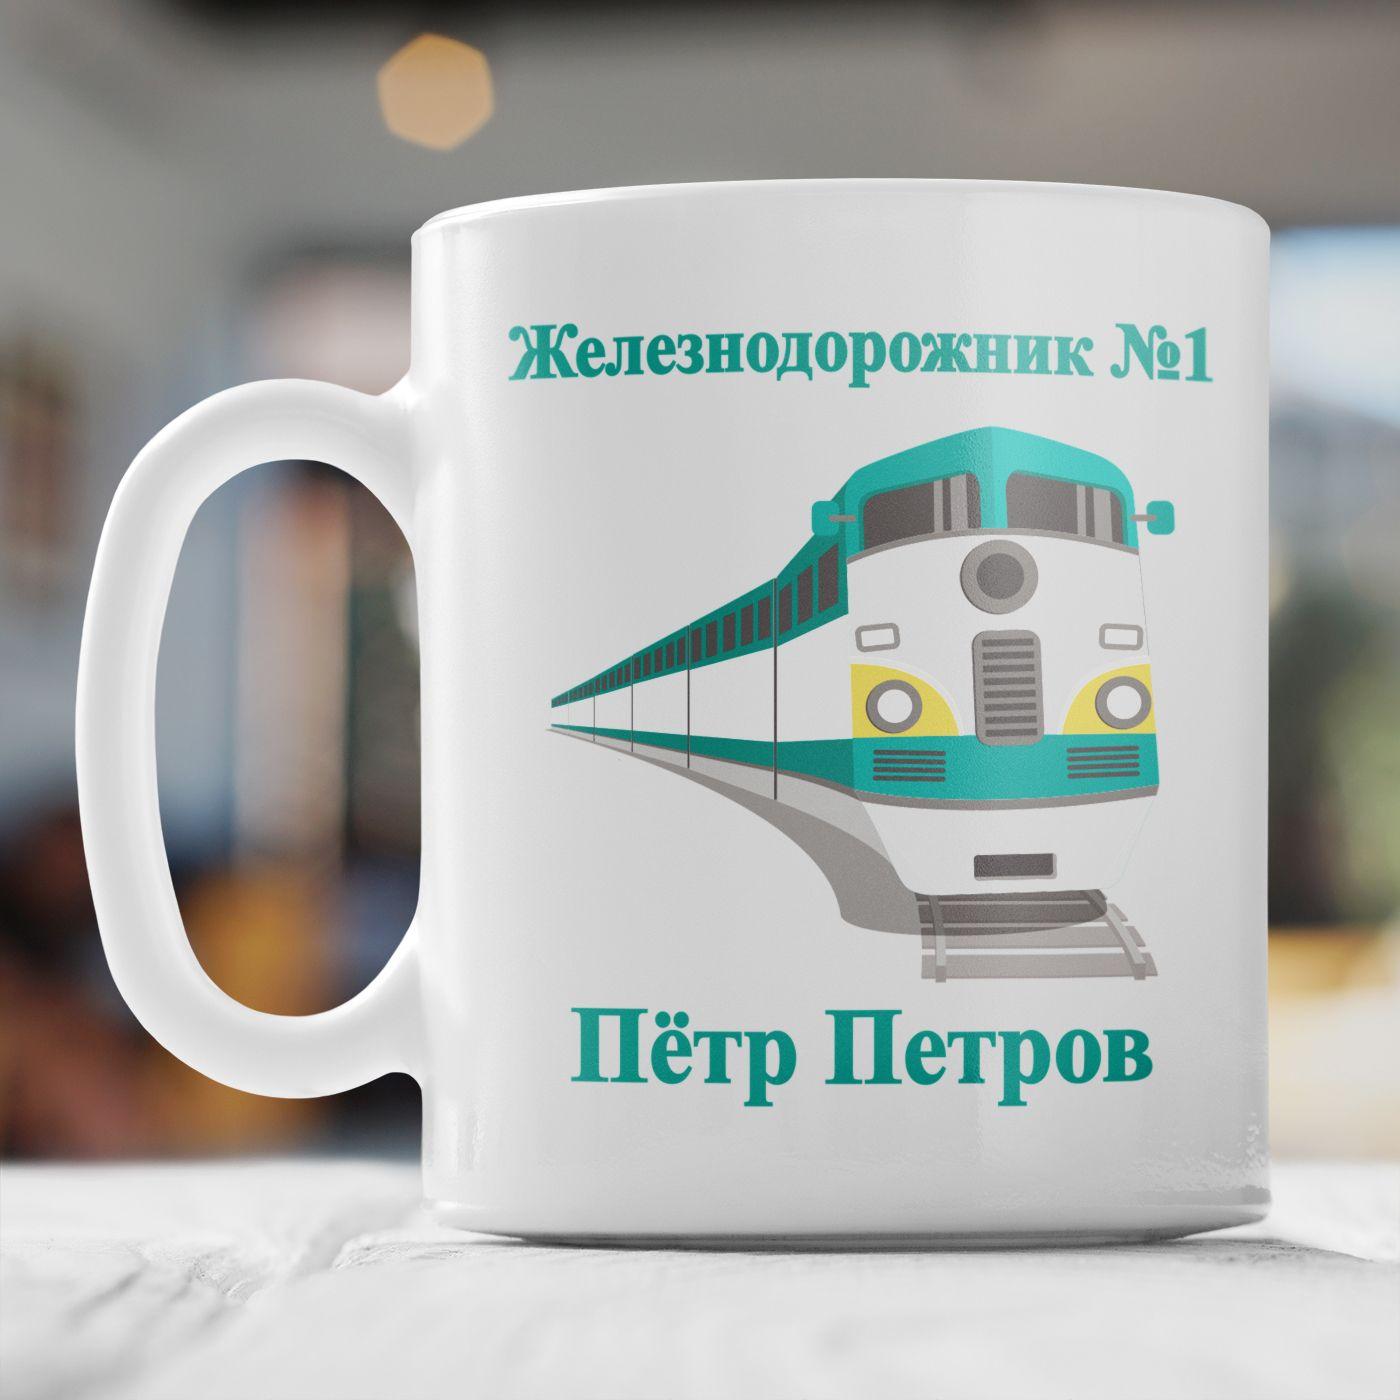 Именная кружка «Железнодорожник №1»